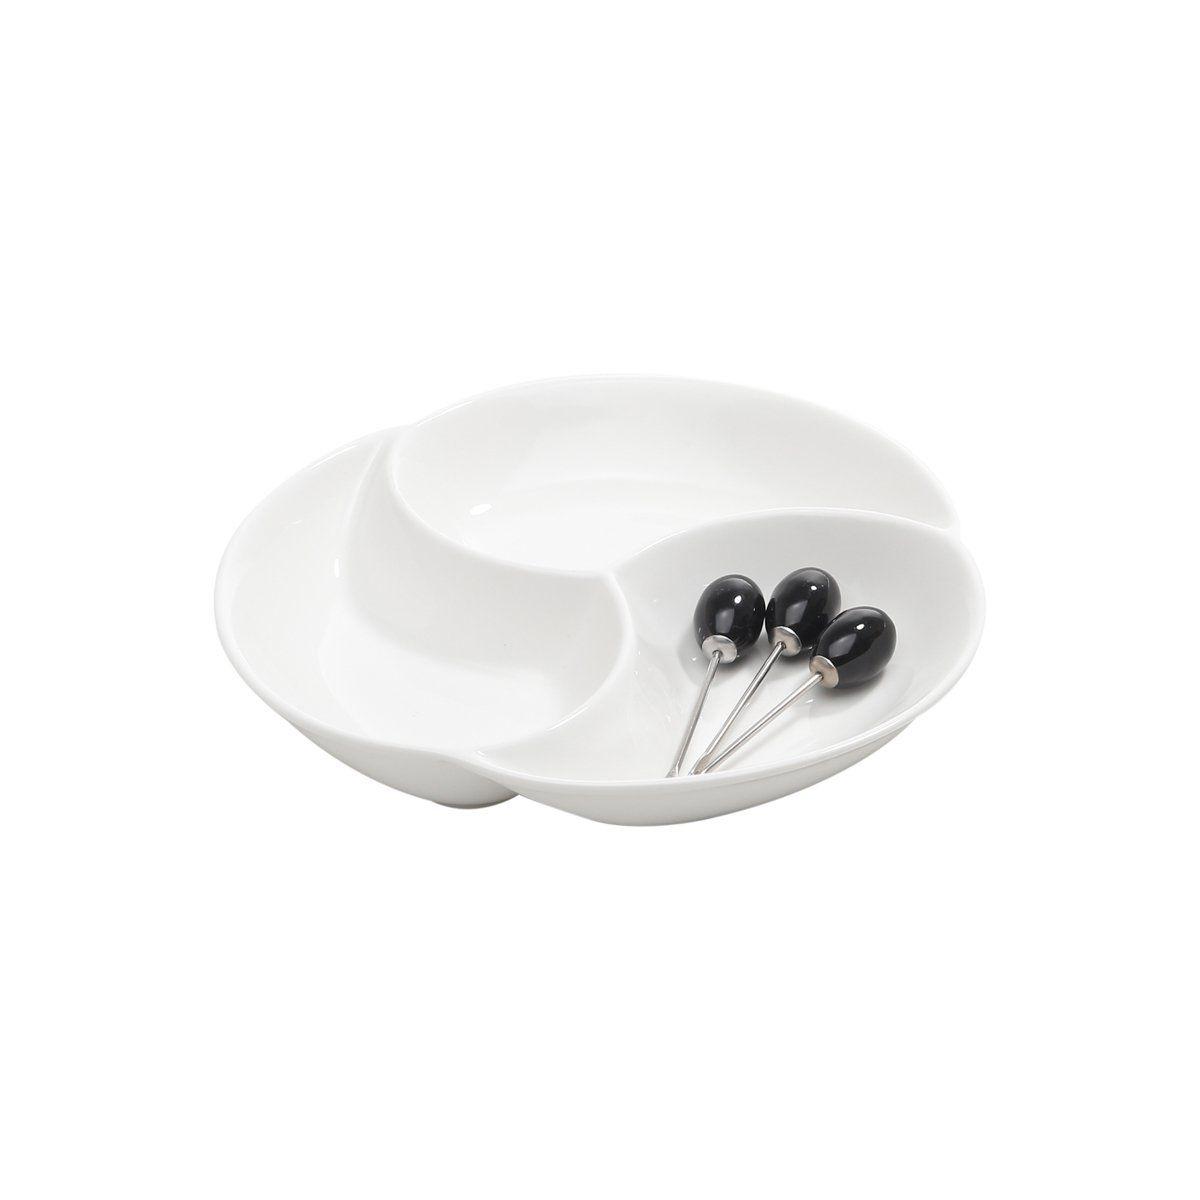 Petisqueira 20 cm de porcelana branca com 3 palitos Wolff - 1177